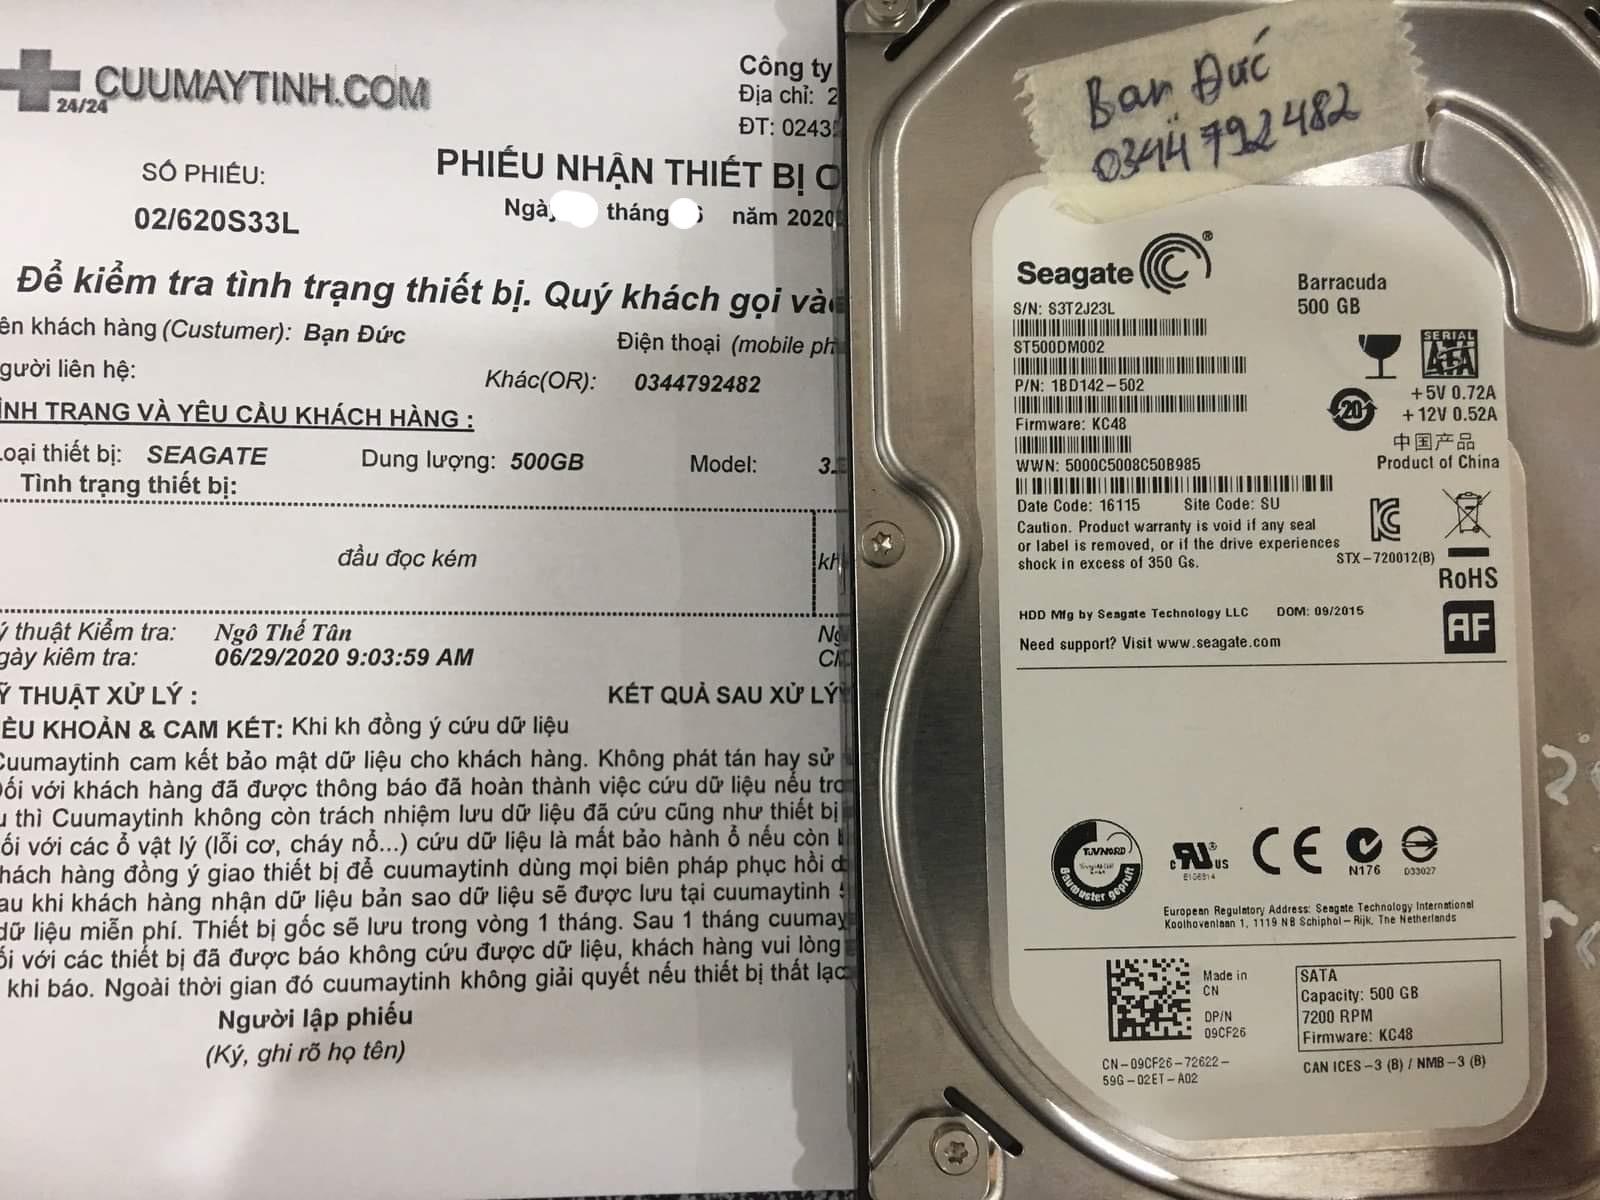 Phục hồi dữ liệu ổ cứng Seagate 500GB đầu đọc kém 04/07/2020 - cuumaytinh